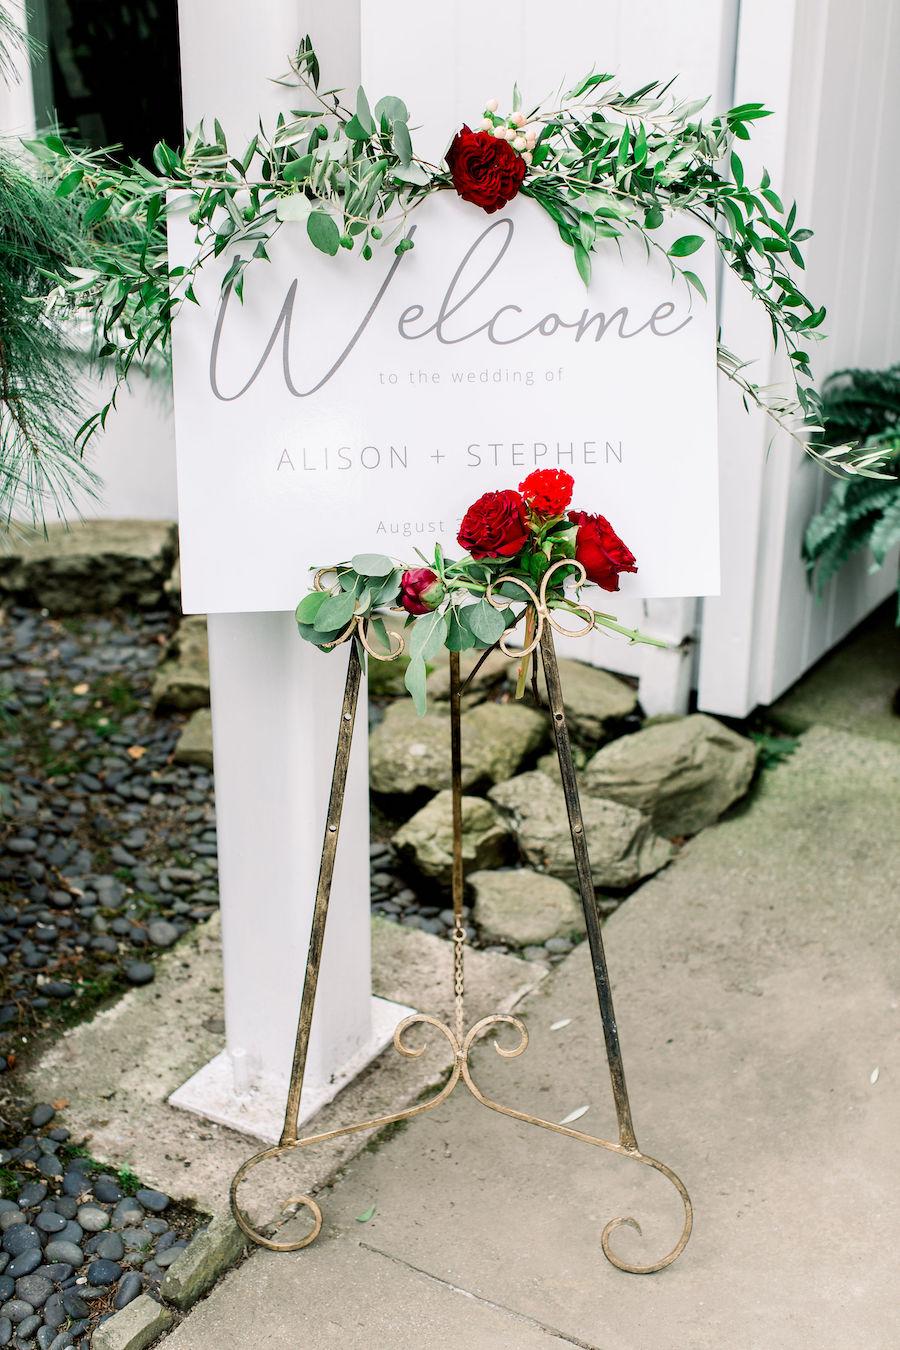 backyard tented wedding